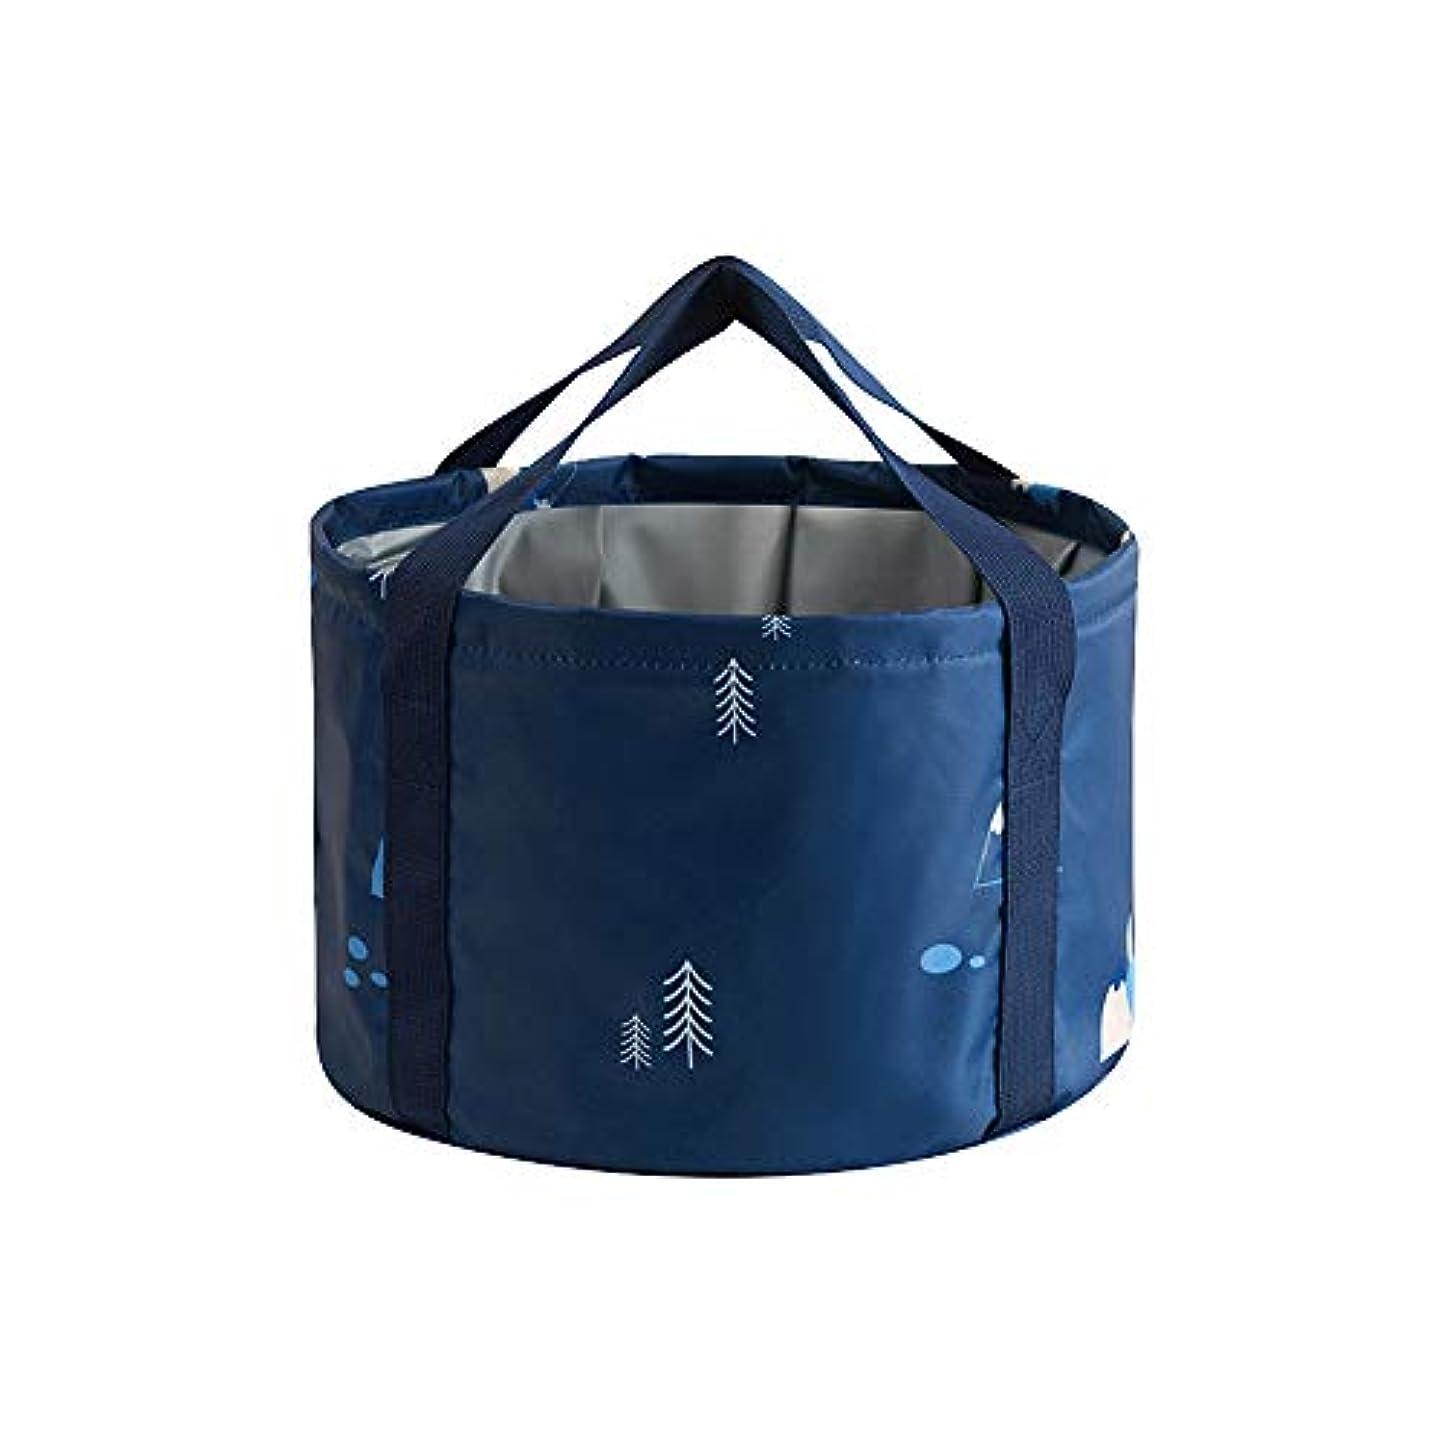 混合した肌意気込みXueliee 旅行用フットバッグ、フットウォッシュバケツ、折りたたみ式、洗濯槽、屋外用ウォーターバッグ、水貯蔵、収納バッグ、洗面台、ポータブル、大 (35 x 26cm,5色)